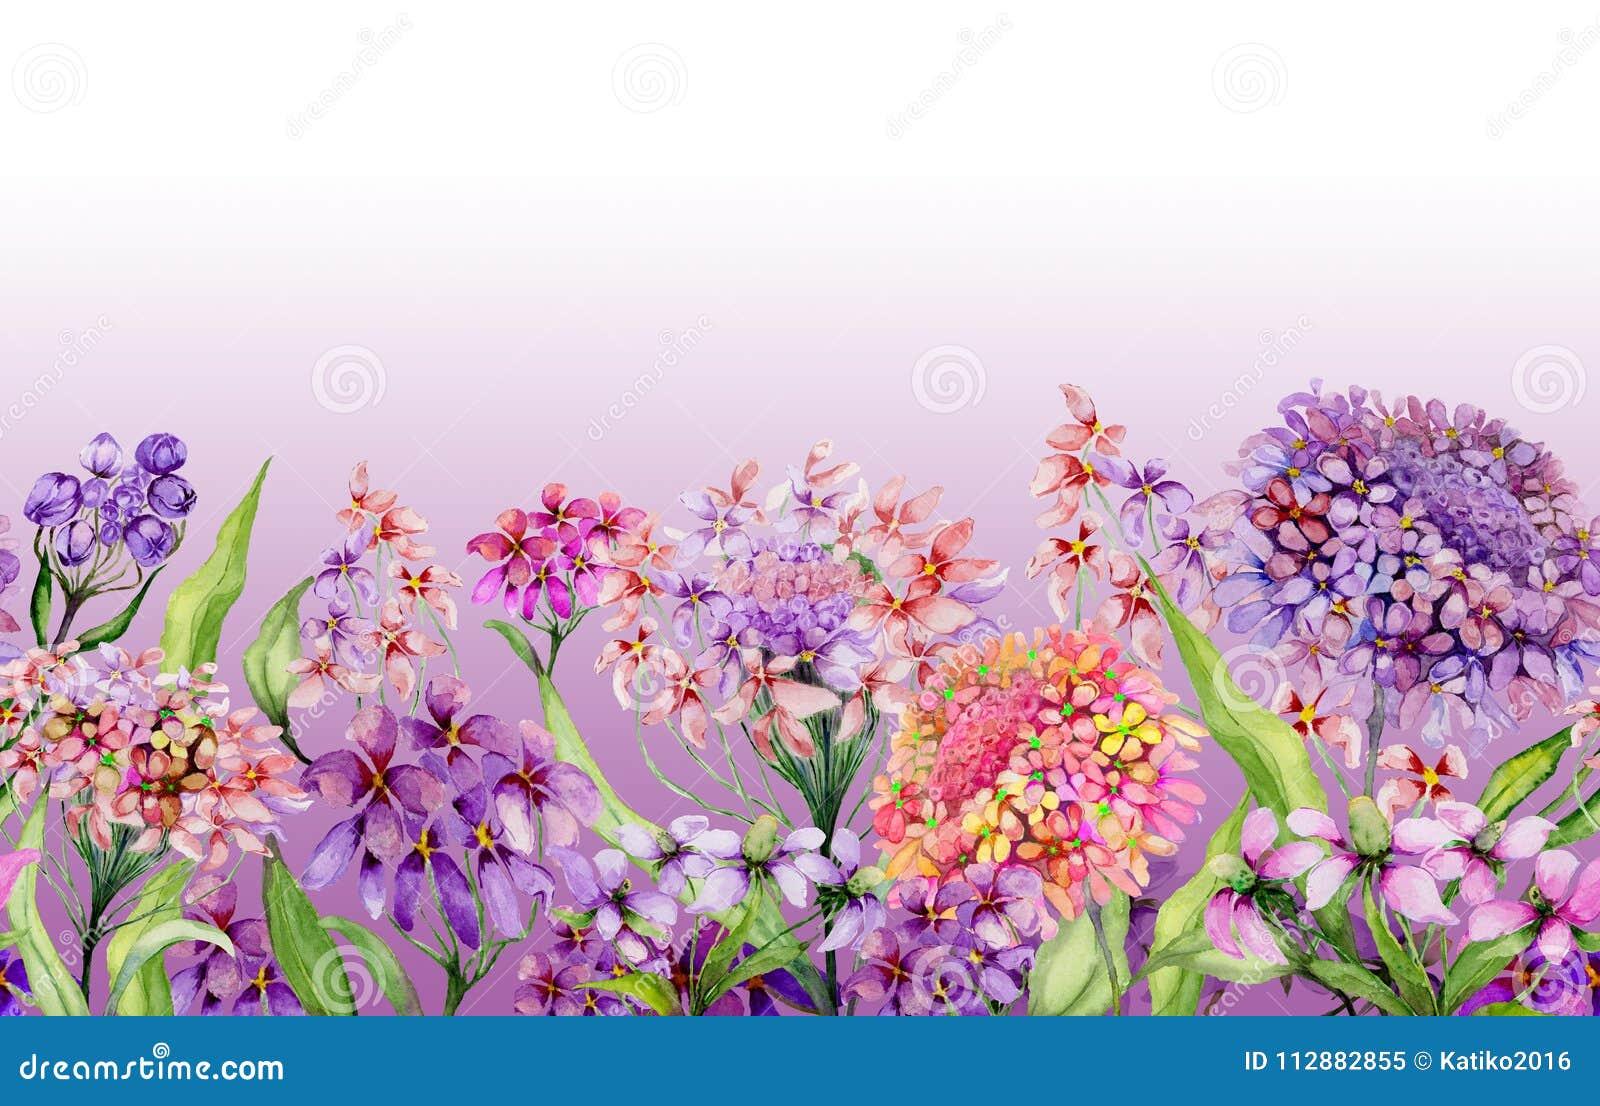 Bandeira larga do verão colorido O iberis vívido bonito floresce com as folhas verdes no fundo cor-de-rosa Molde horizontal